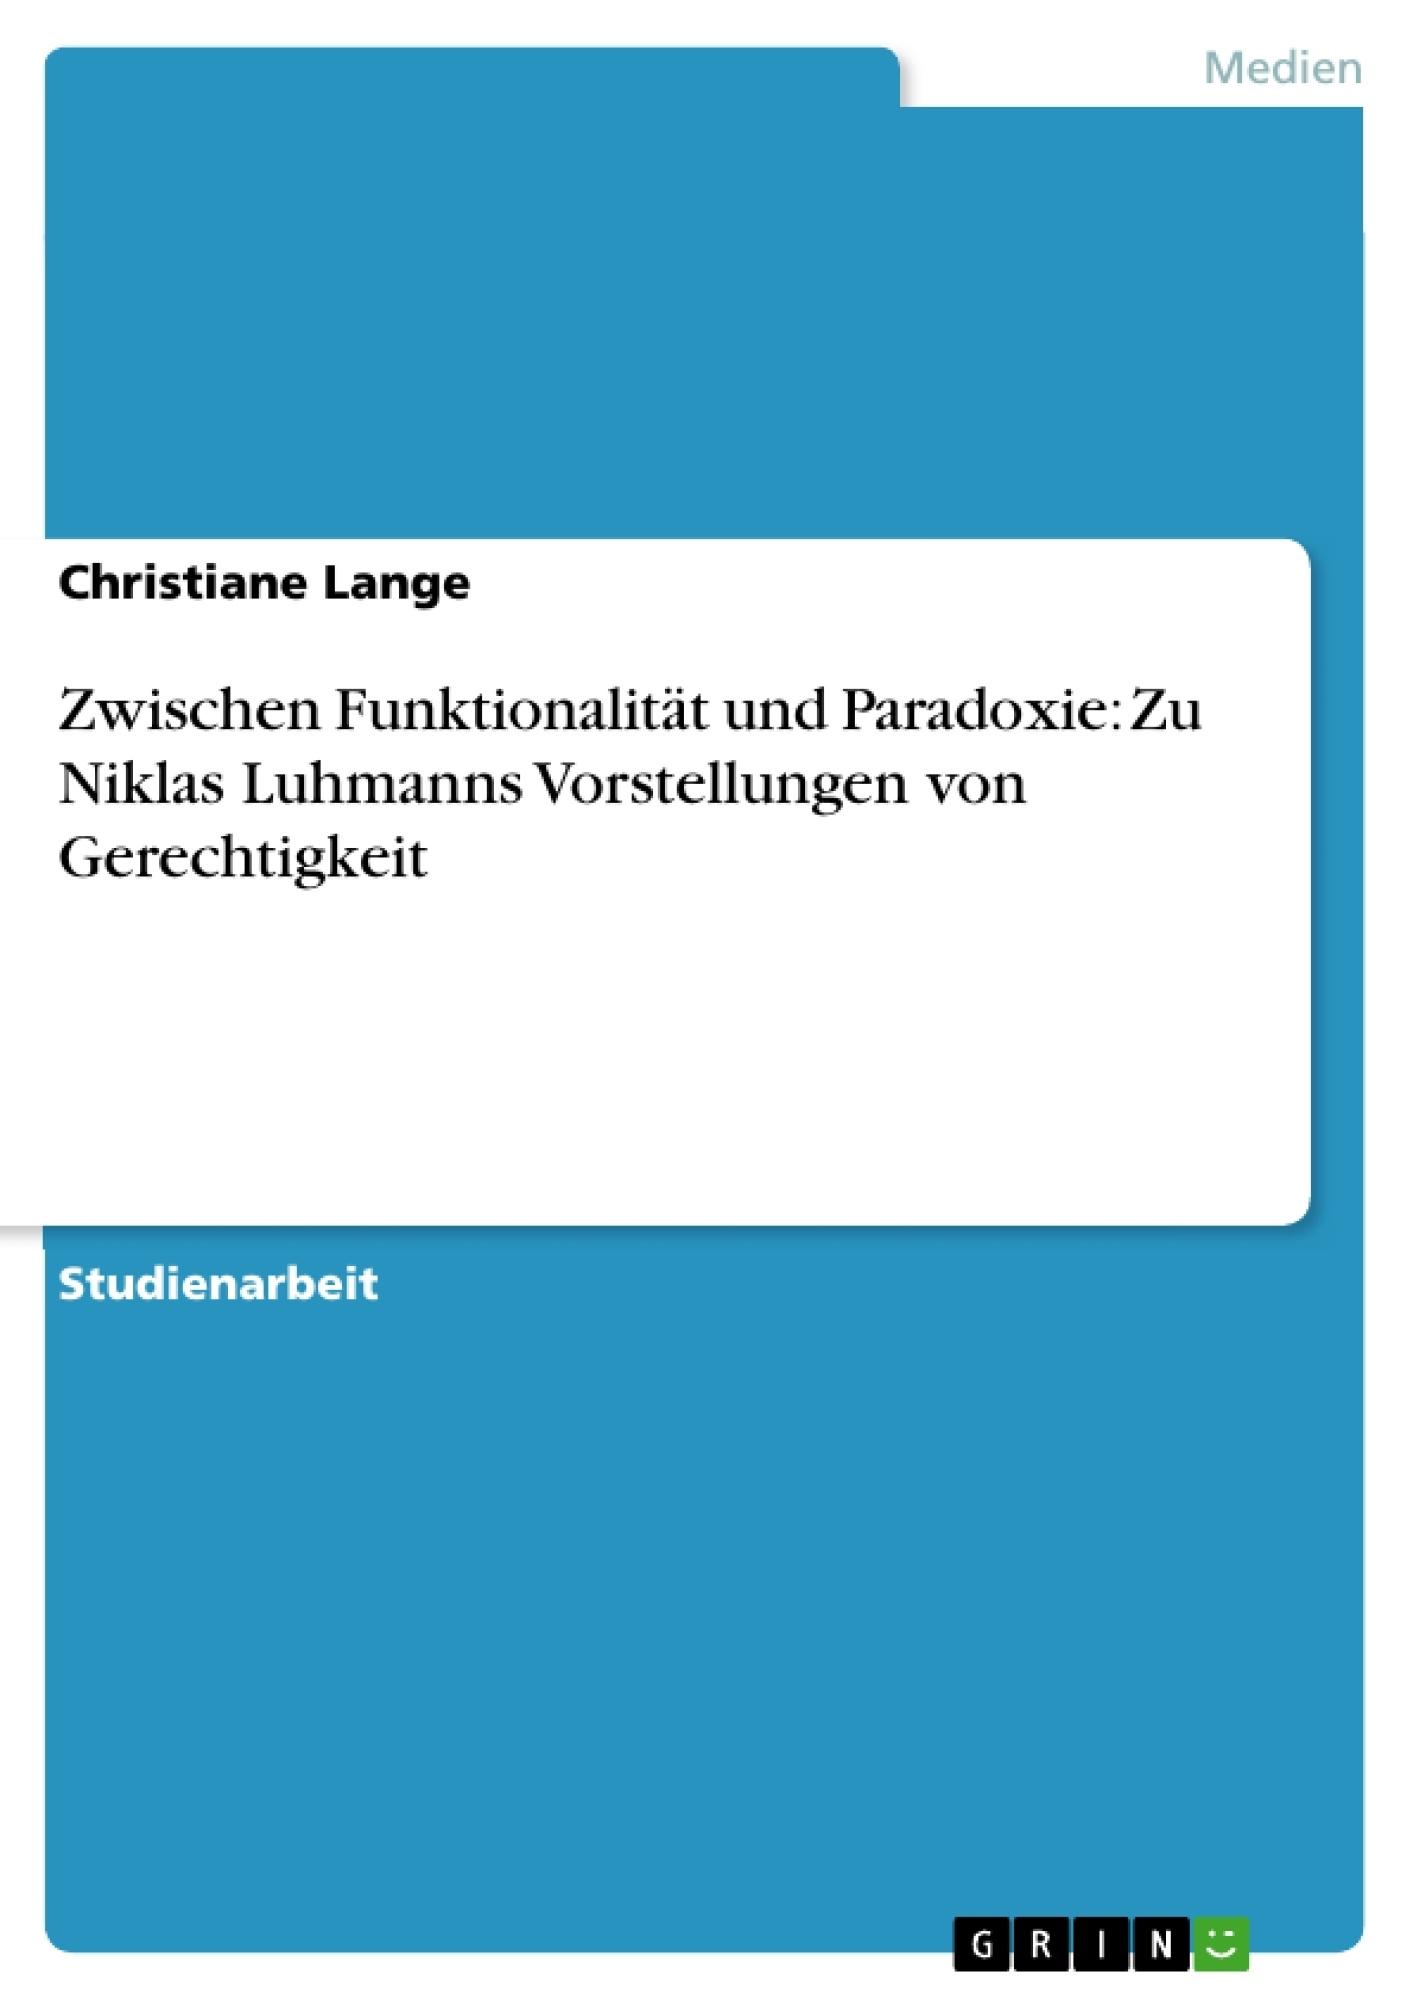 Titel: Zwischen Funktionalität und Paradoxie: Zu Niklas Luhmanns Vorstellungen von Gerechtigkeit